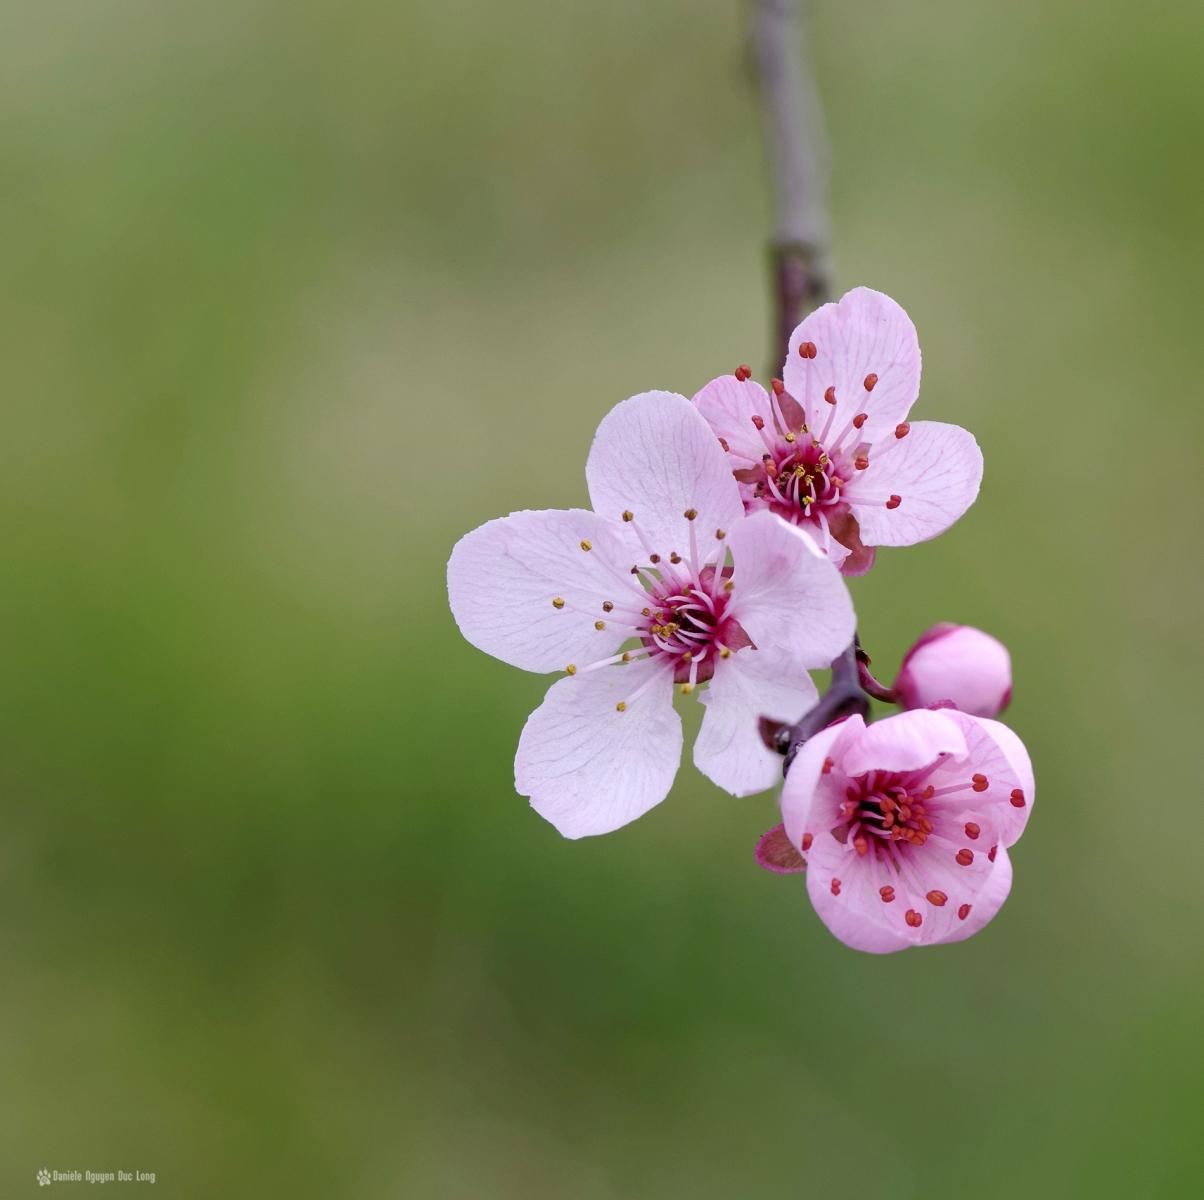 fleurs roses arbre templiers copie, fleurs de pêcher, faune et flore, printemps